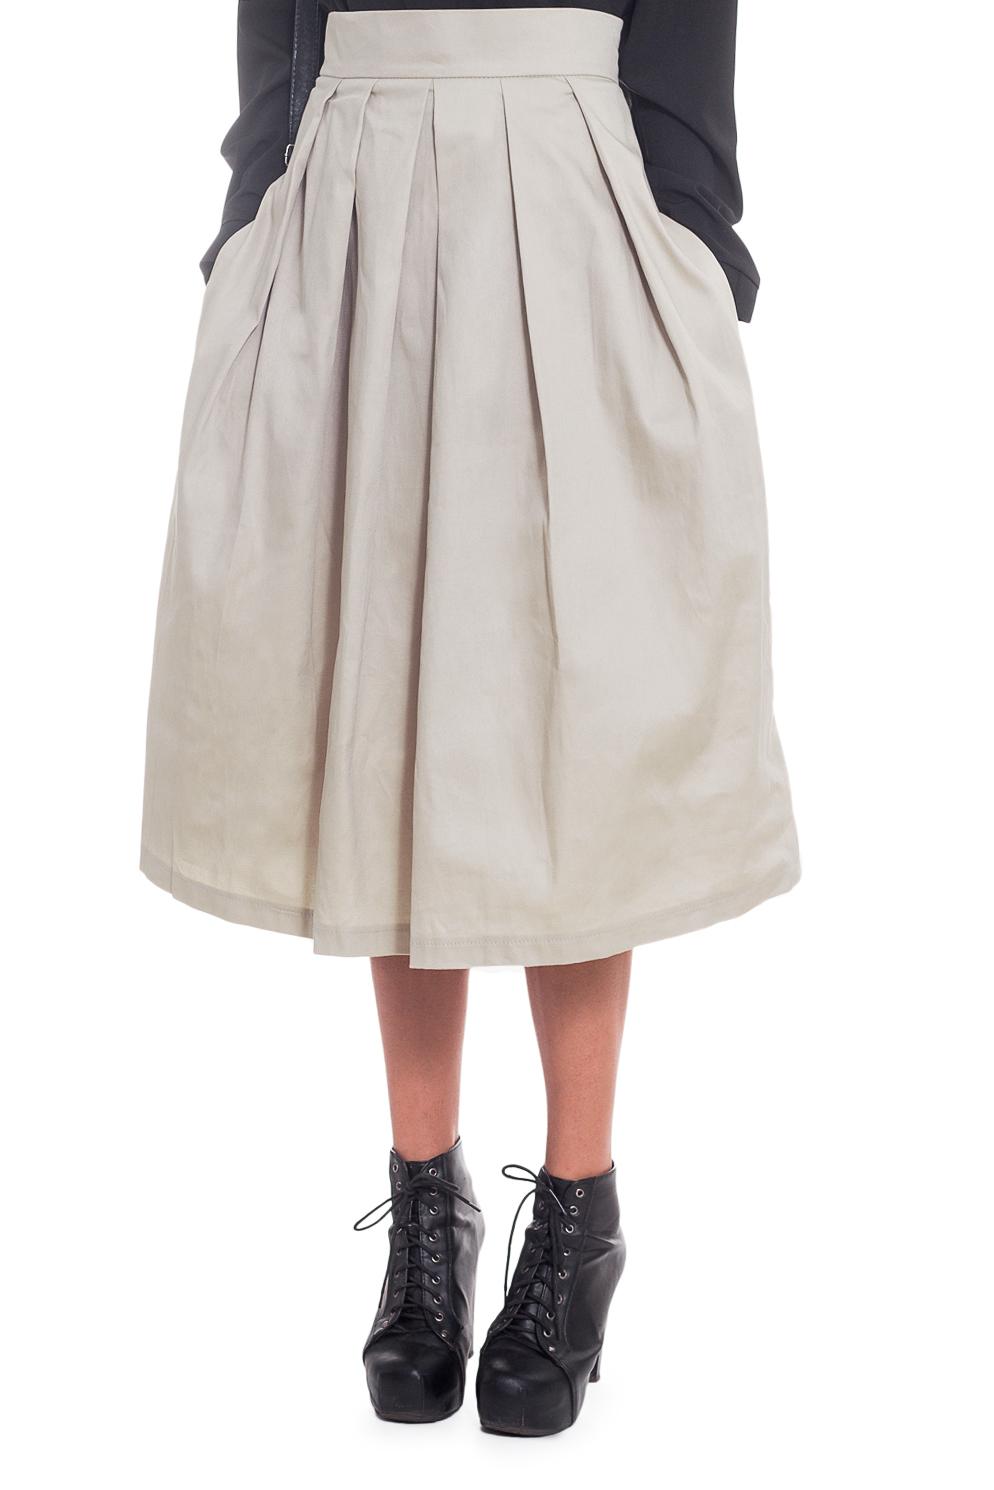 ЮбкаЮбки<br>Очаровательная женская юбка, крой которой украсит любую фигуру.   Юбка расширенная к низу на поясе. На передней части изделия складки заложены к центру. На спинке средний шов с молнией и складки, заложенные к центру. Карманы в боковых швах. Цвет: светло-бежевый.  Рост девушки-фотомодели 173 см  Длина изделия - 73 ± 2 см<br><br>По длине: Ниже колена<br>По материалу: Костюмные ткани,Тканевые,Хлопок<br>По рисунку: Однотонные<br>По сезону: Весна,Всесезон,Зима,Лето,Осень<br>По силуэту: Полуприталенные,Свободные<br>По стилю: Винтаж,Классический стиль,Кэжуал,Офисный стиль,Повседневный стиль,Романтический стиль,Летний стиль<br>По форме: Юбка-солнце<br>По элементам: С декором,С карманами,Со складками<br>Застежка: С молнией<br>Размер : 48,50<br>Материал: Костюмно-плательная ткань<br>Количество в наличии: 4